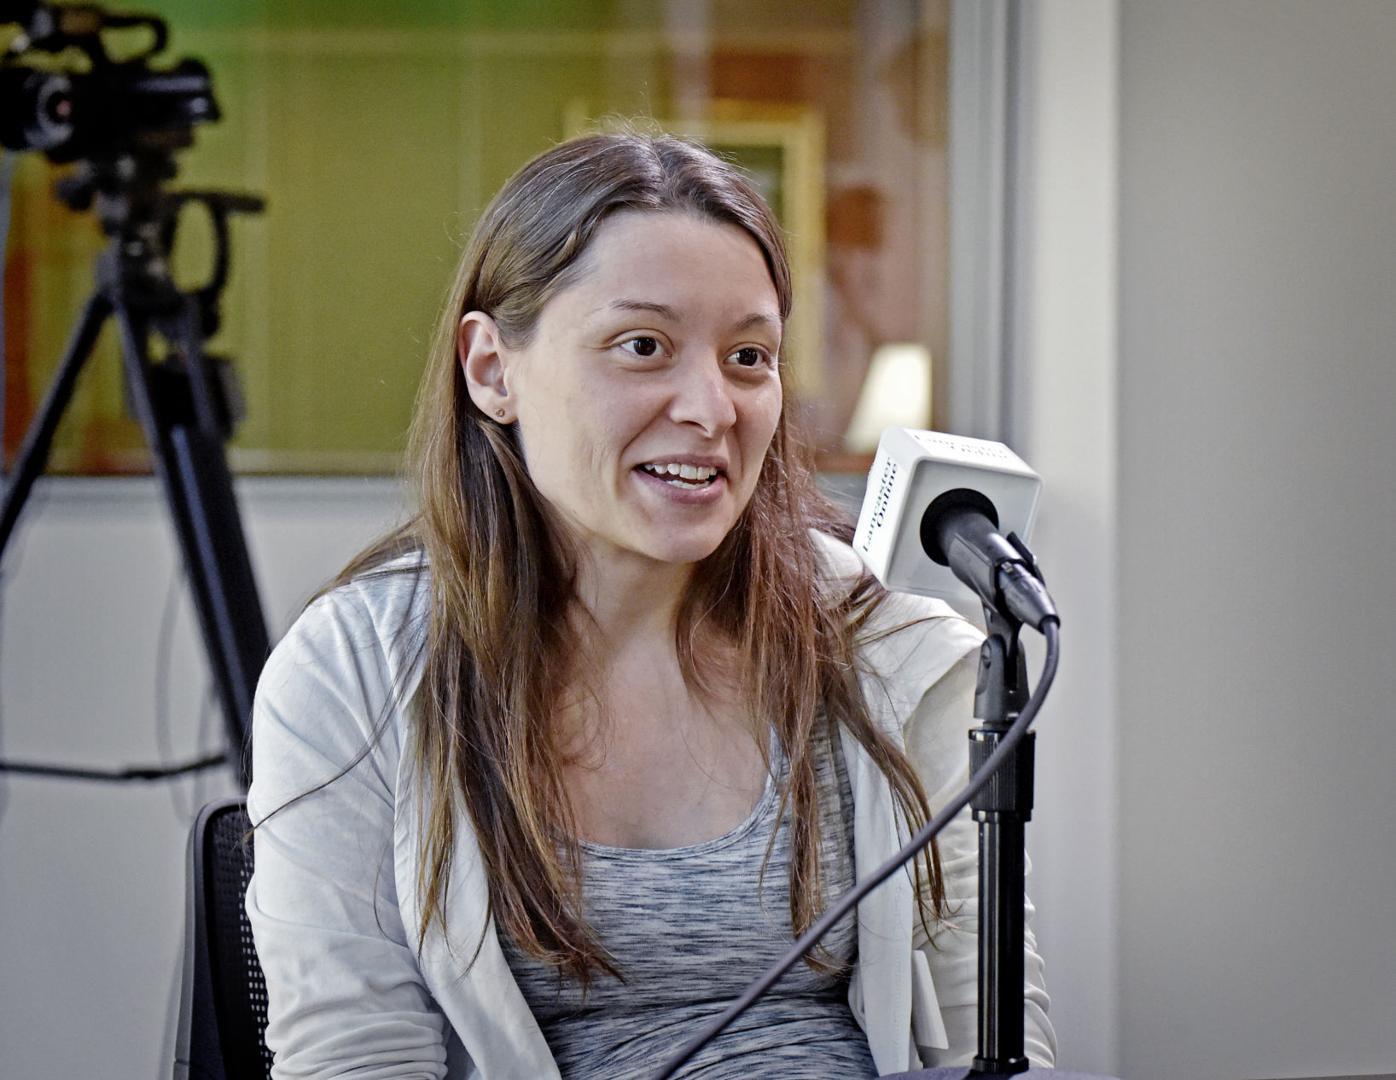 JoEllen McBride